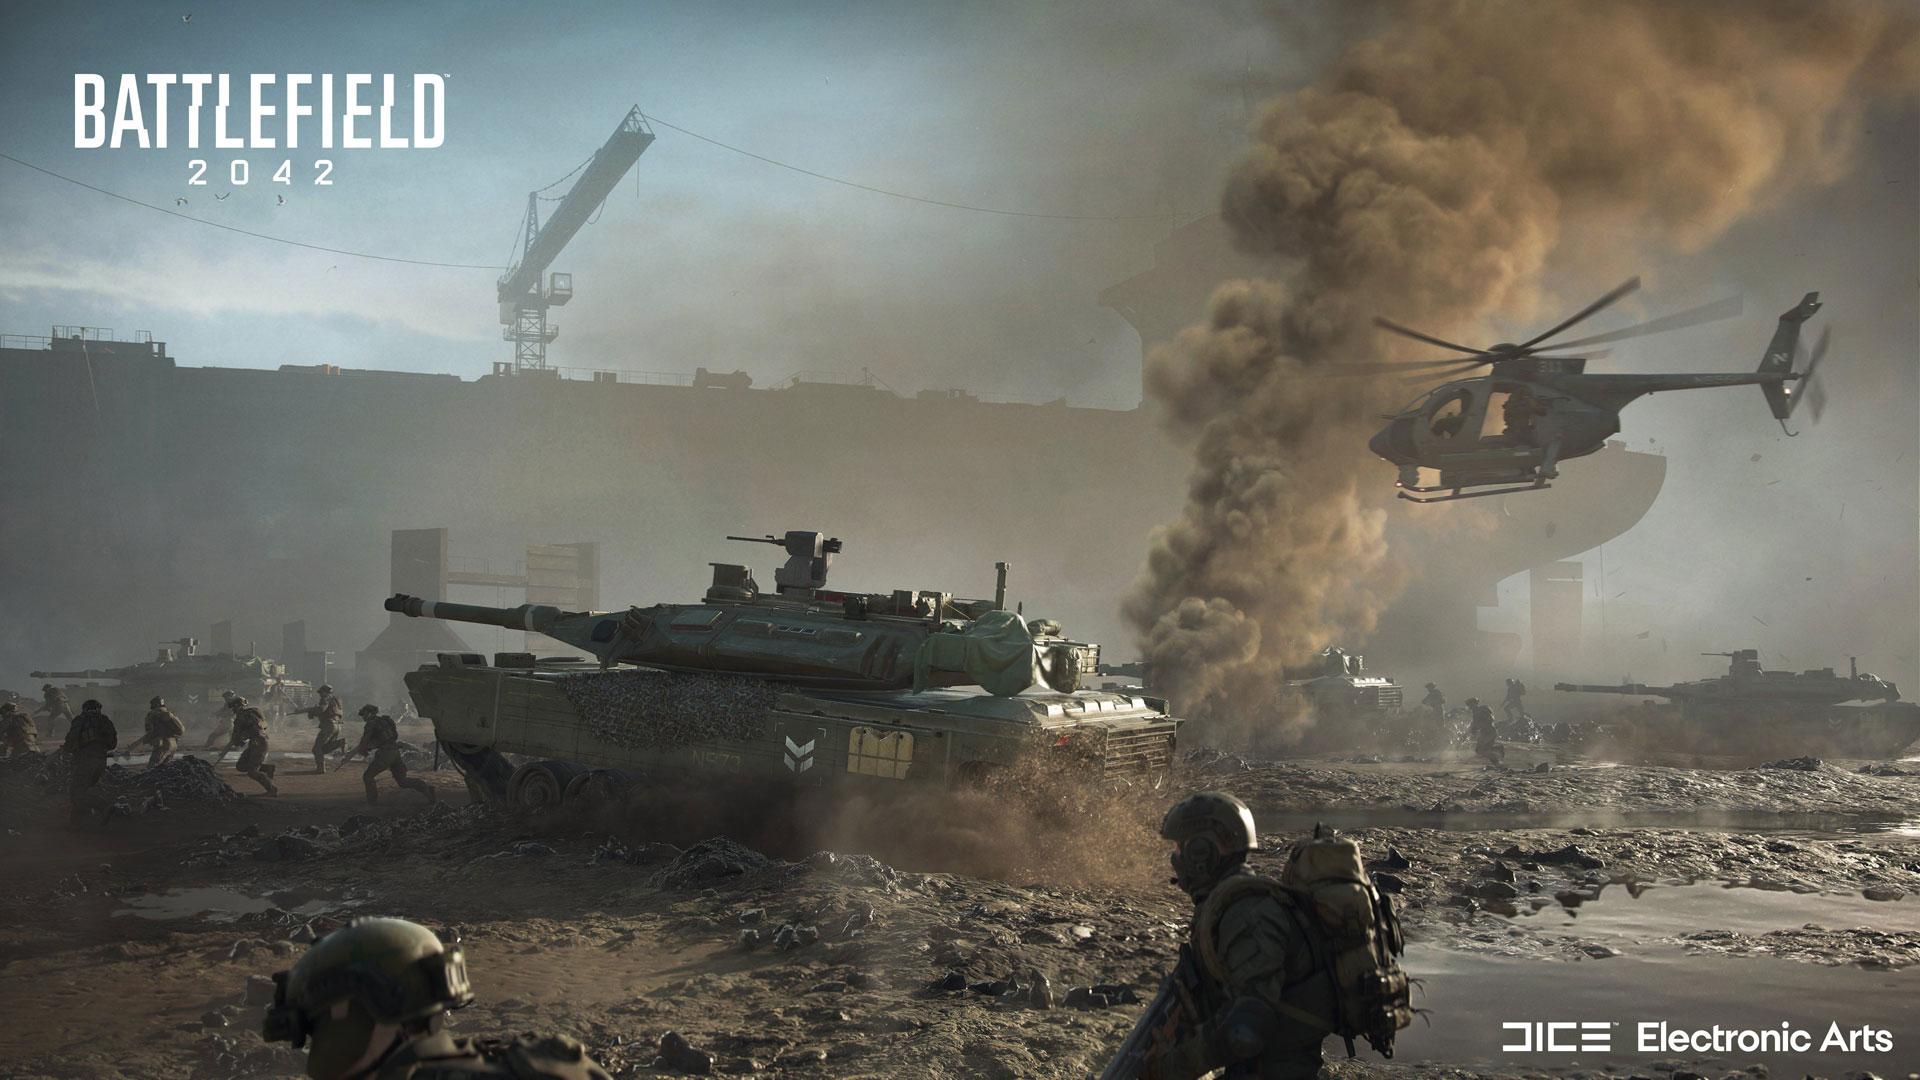 Free Battlefield 2042 Wallpaper in 1920x1080